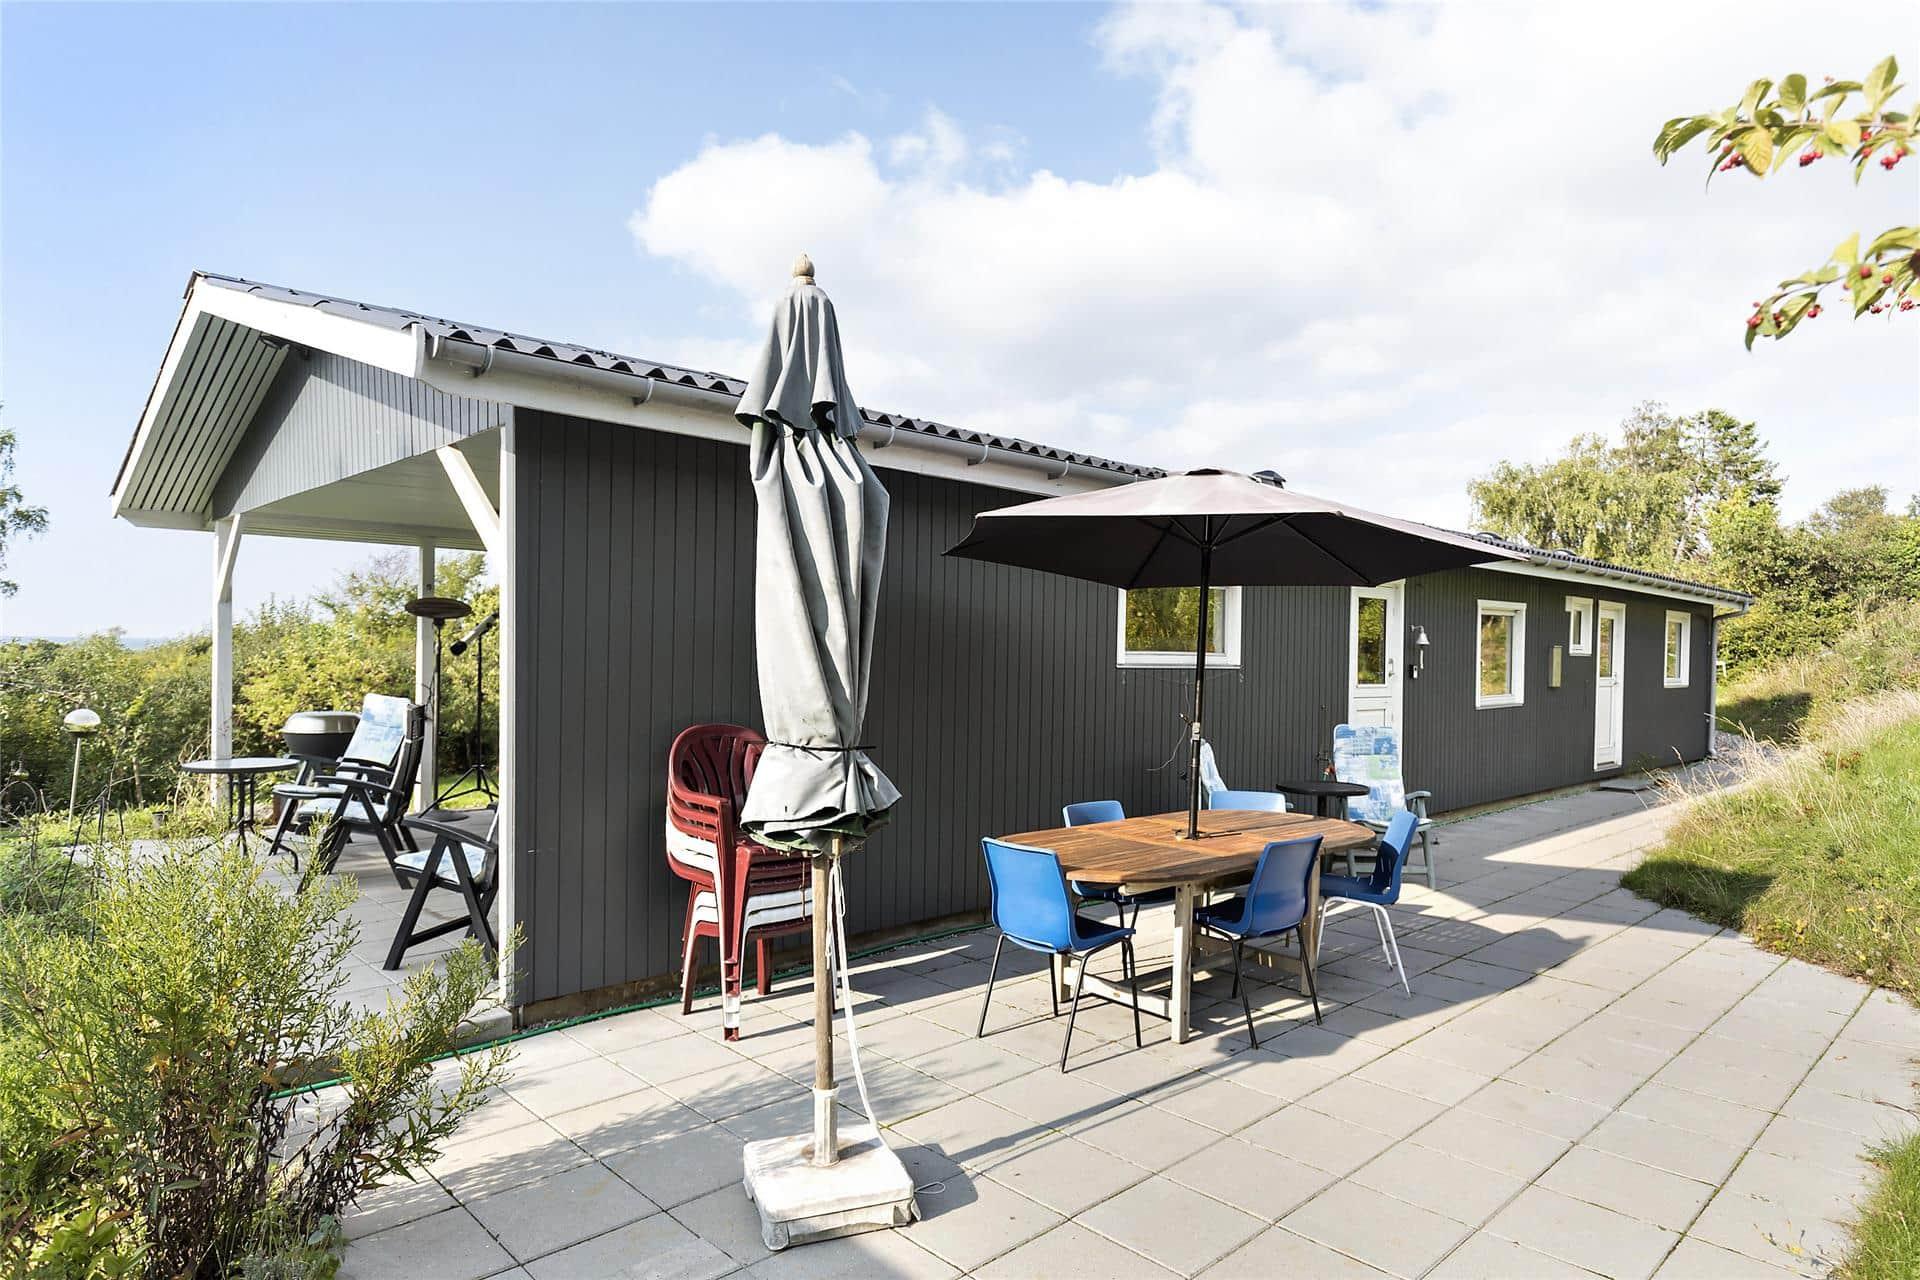 Billede 1-17 Sommerhus 16638, Bakkevejen 9, DK - 4540 Fårevejle